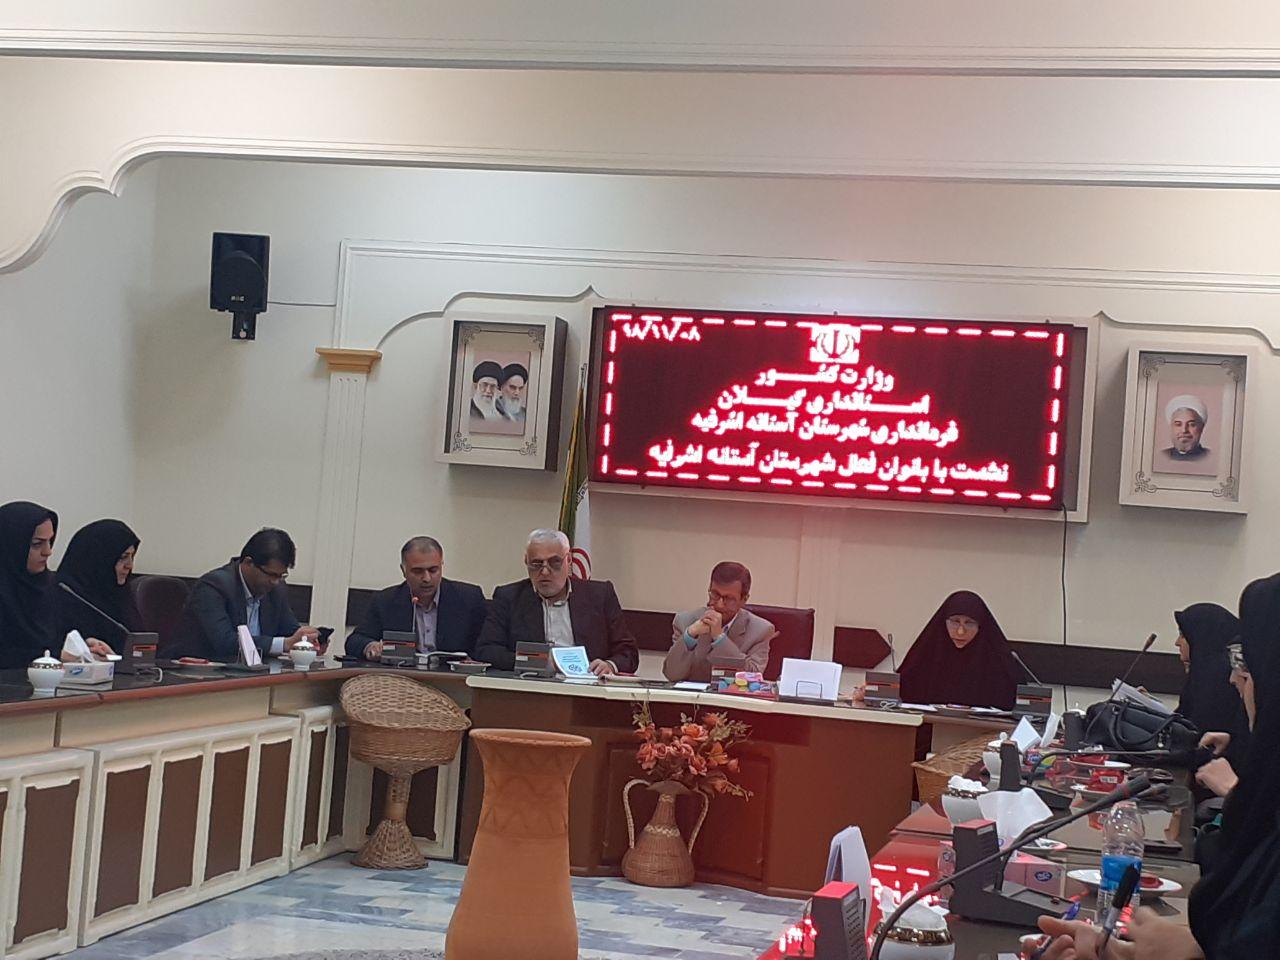 فرماندارشهرستان آستانه اشرفیه؛ یونس محمودی: انتخابات امنیت مردم و حاکمیت تلقی می شود